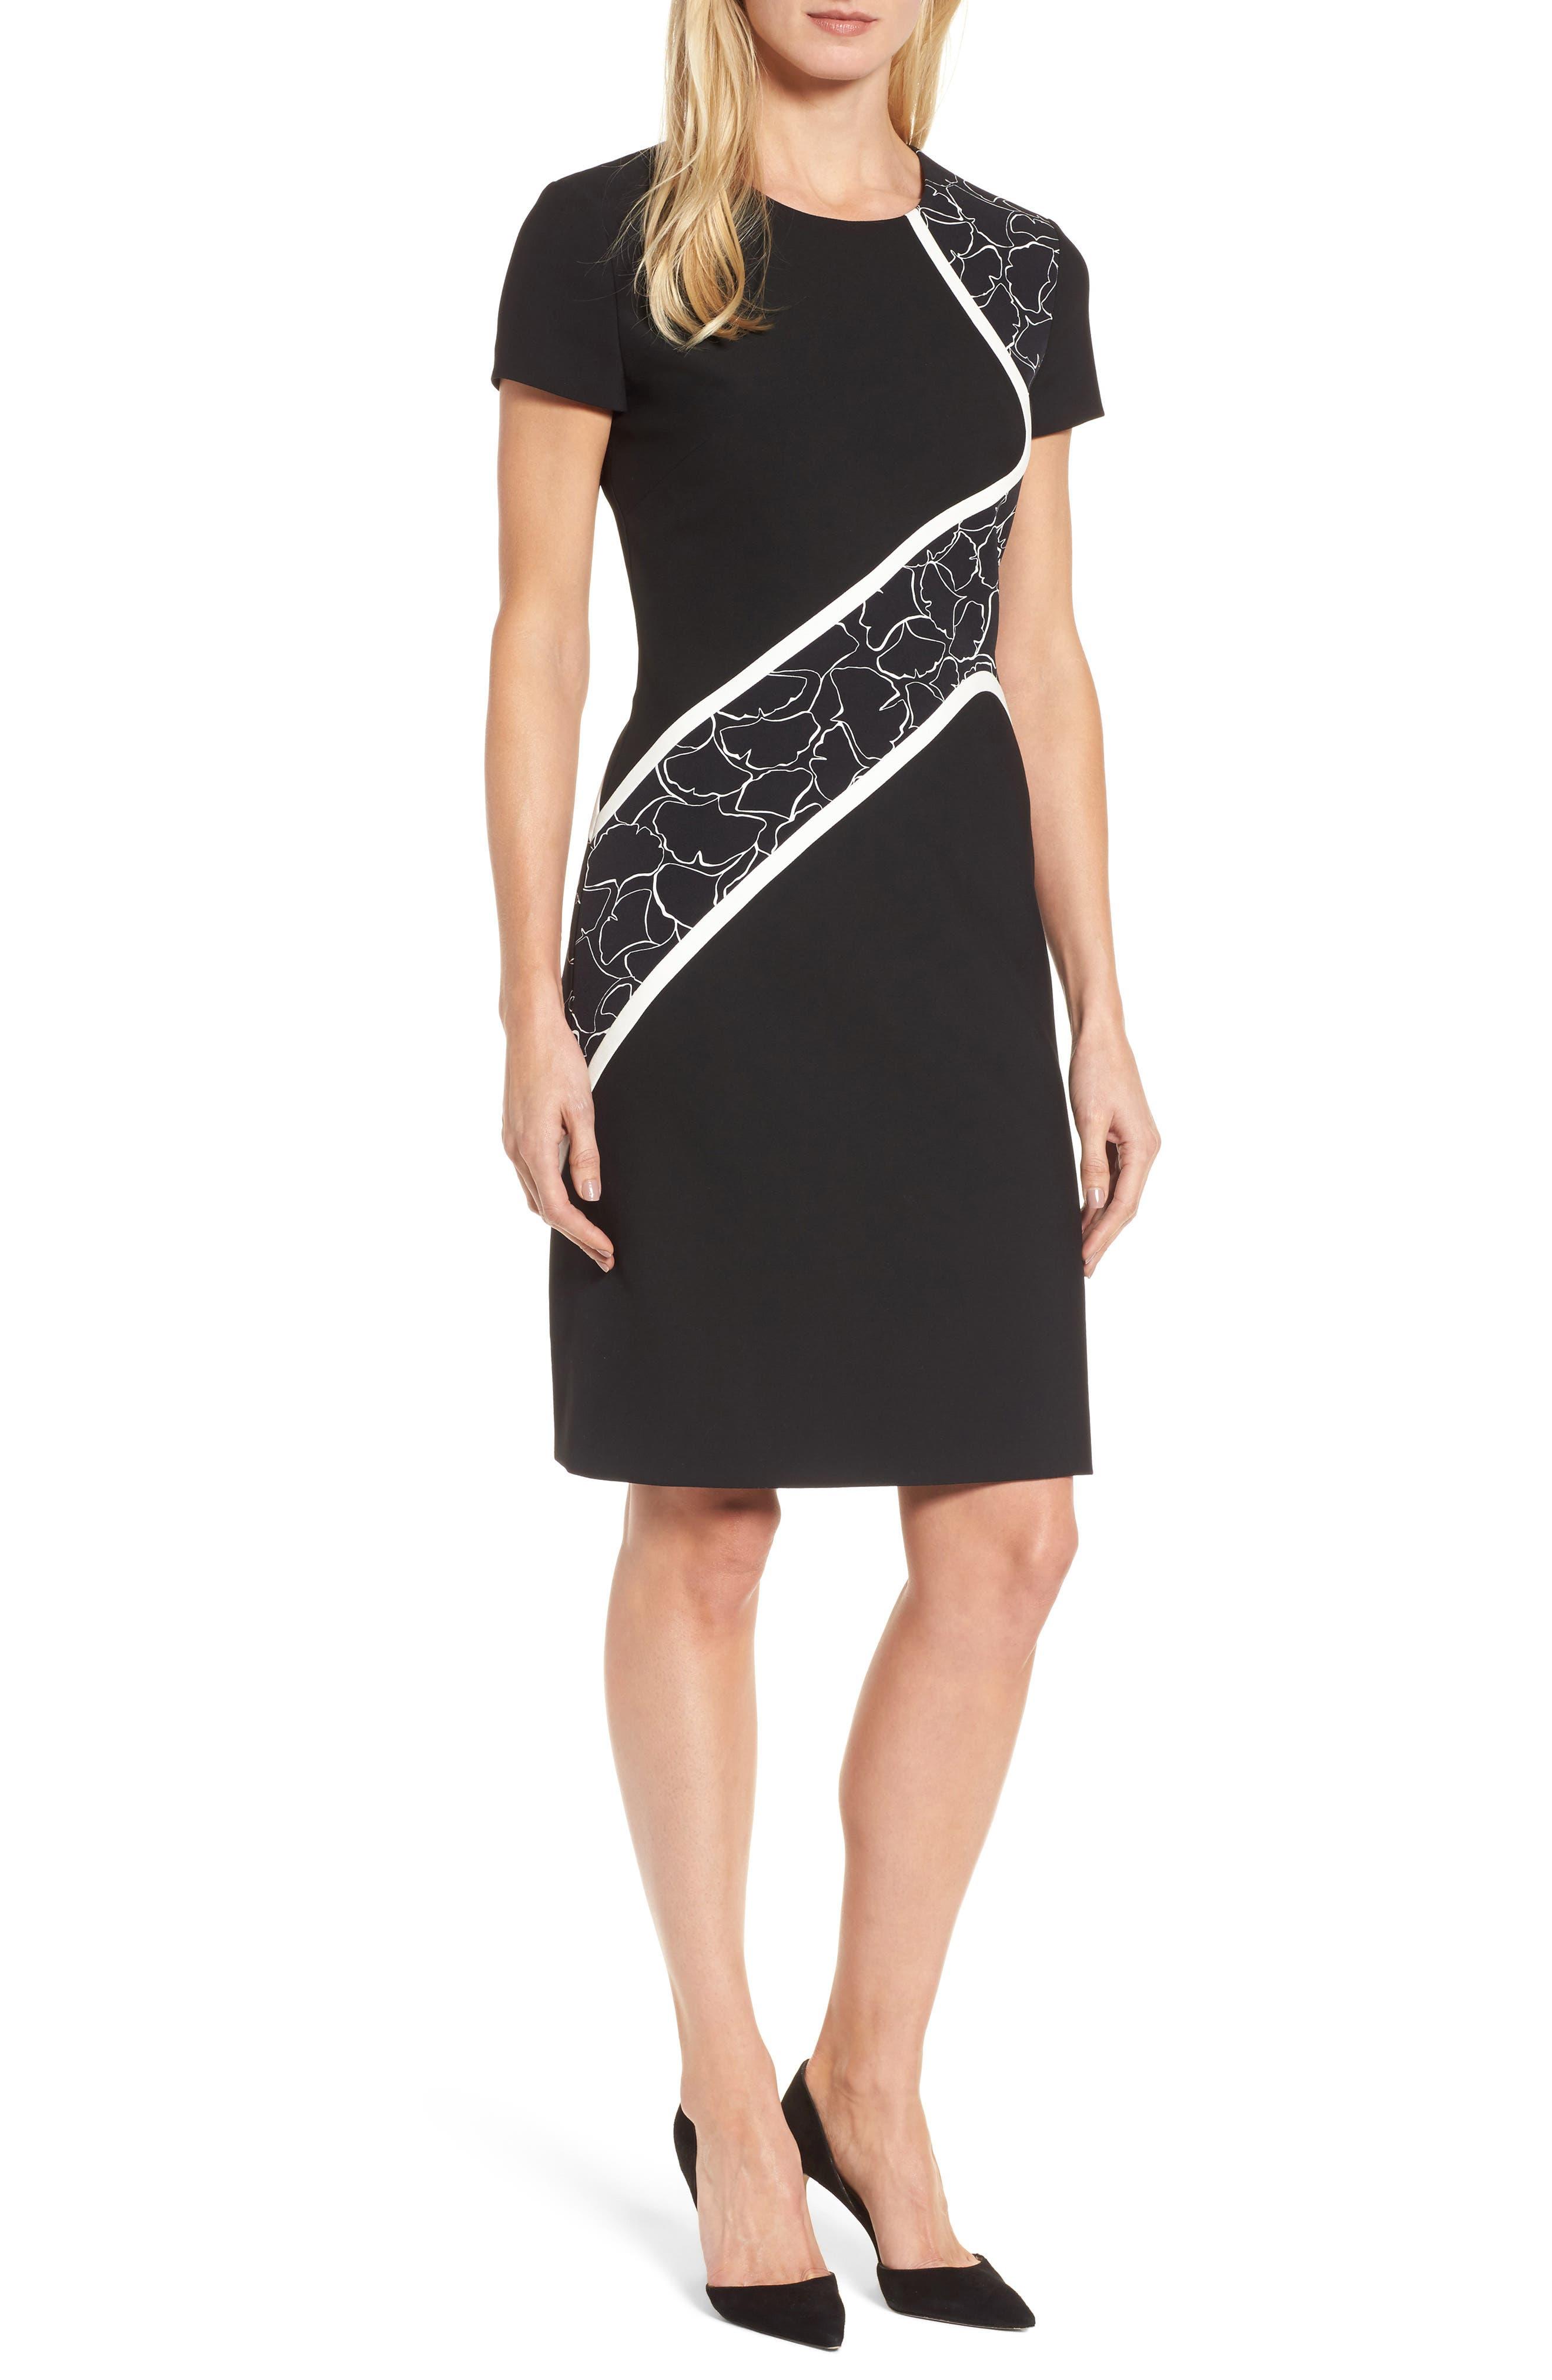 BOSS Dukatia Gingko Print Stretch Sheath Dress